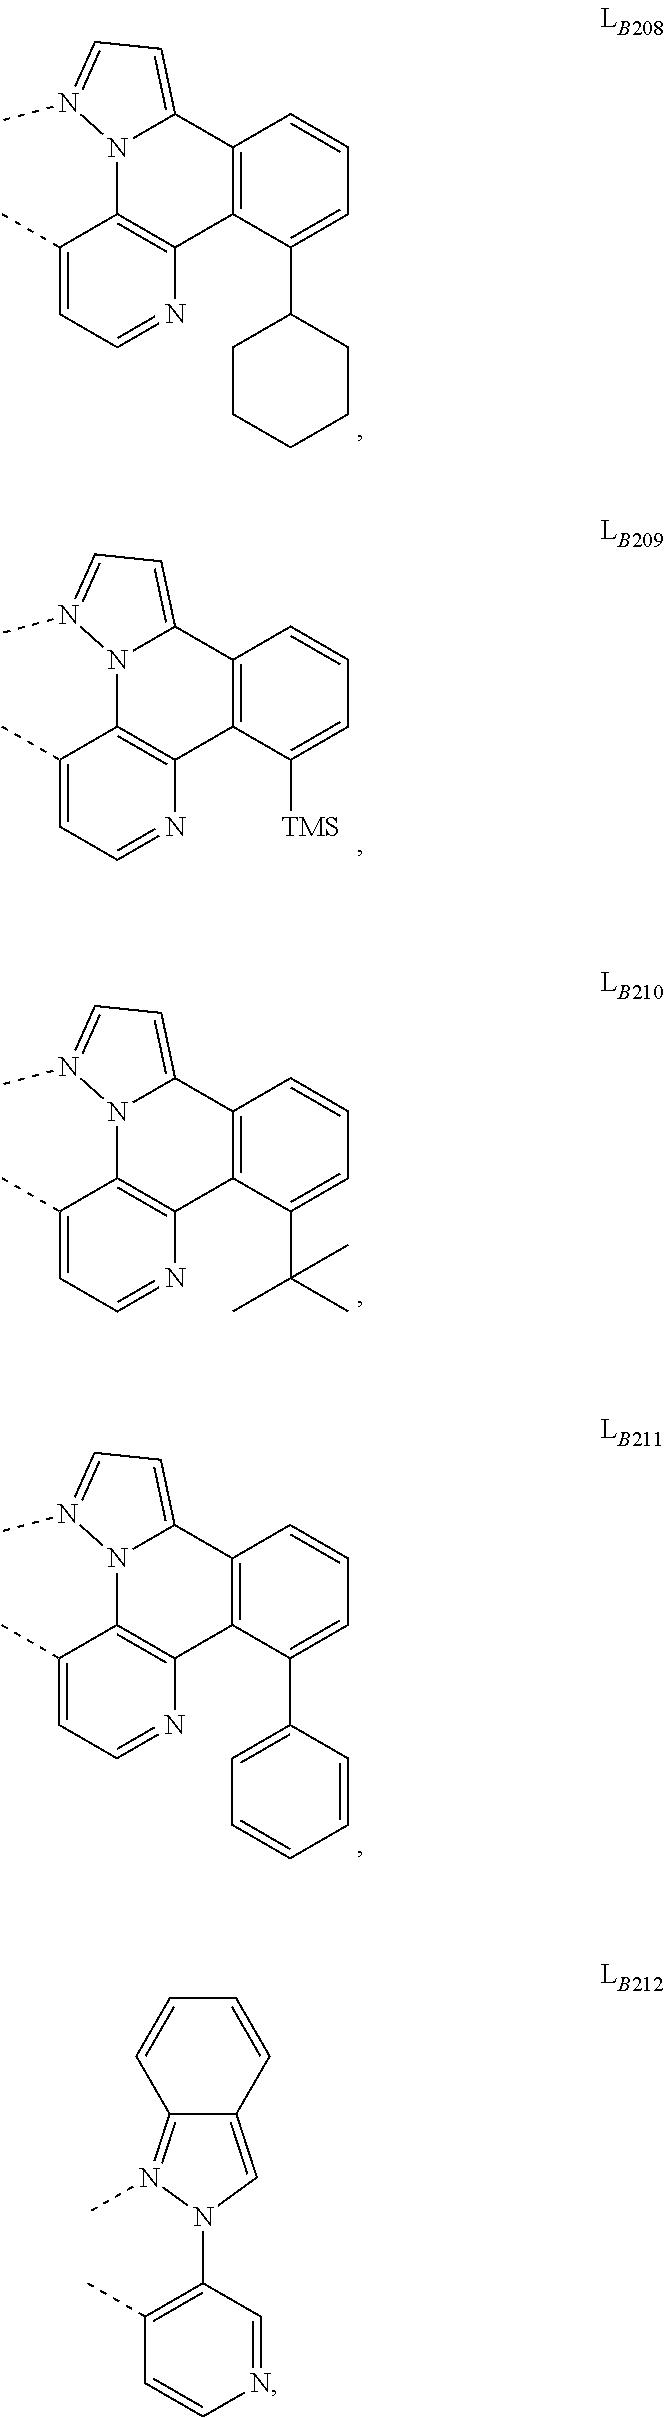 Figure US09905785-20180227-C00604